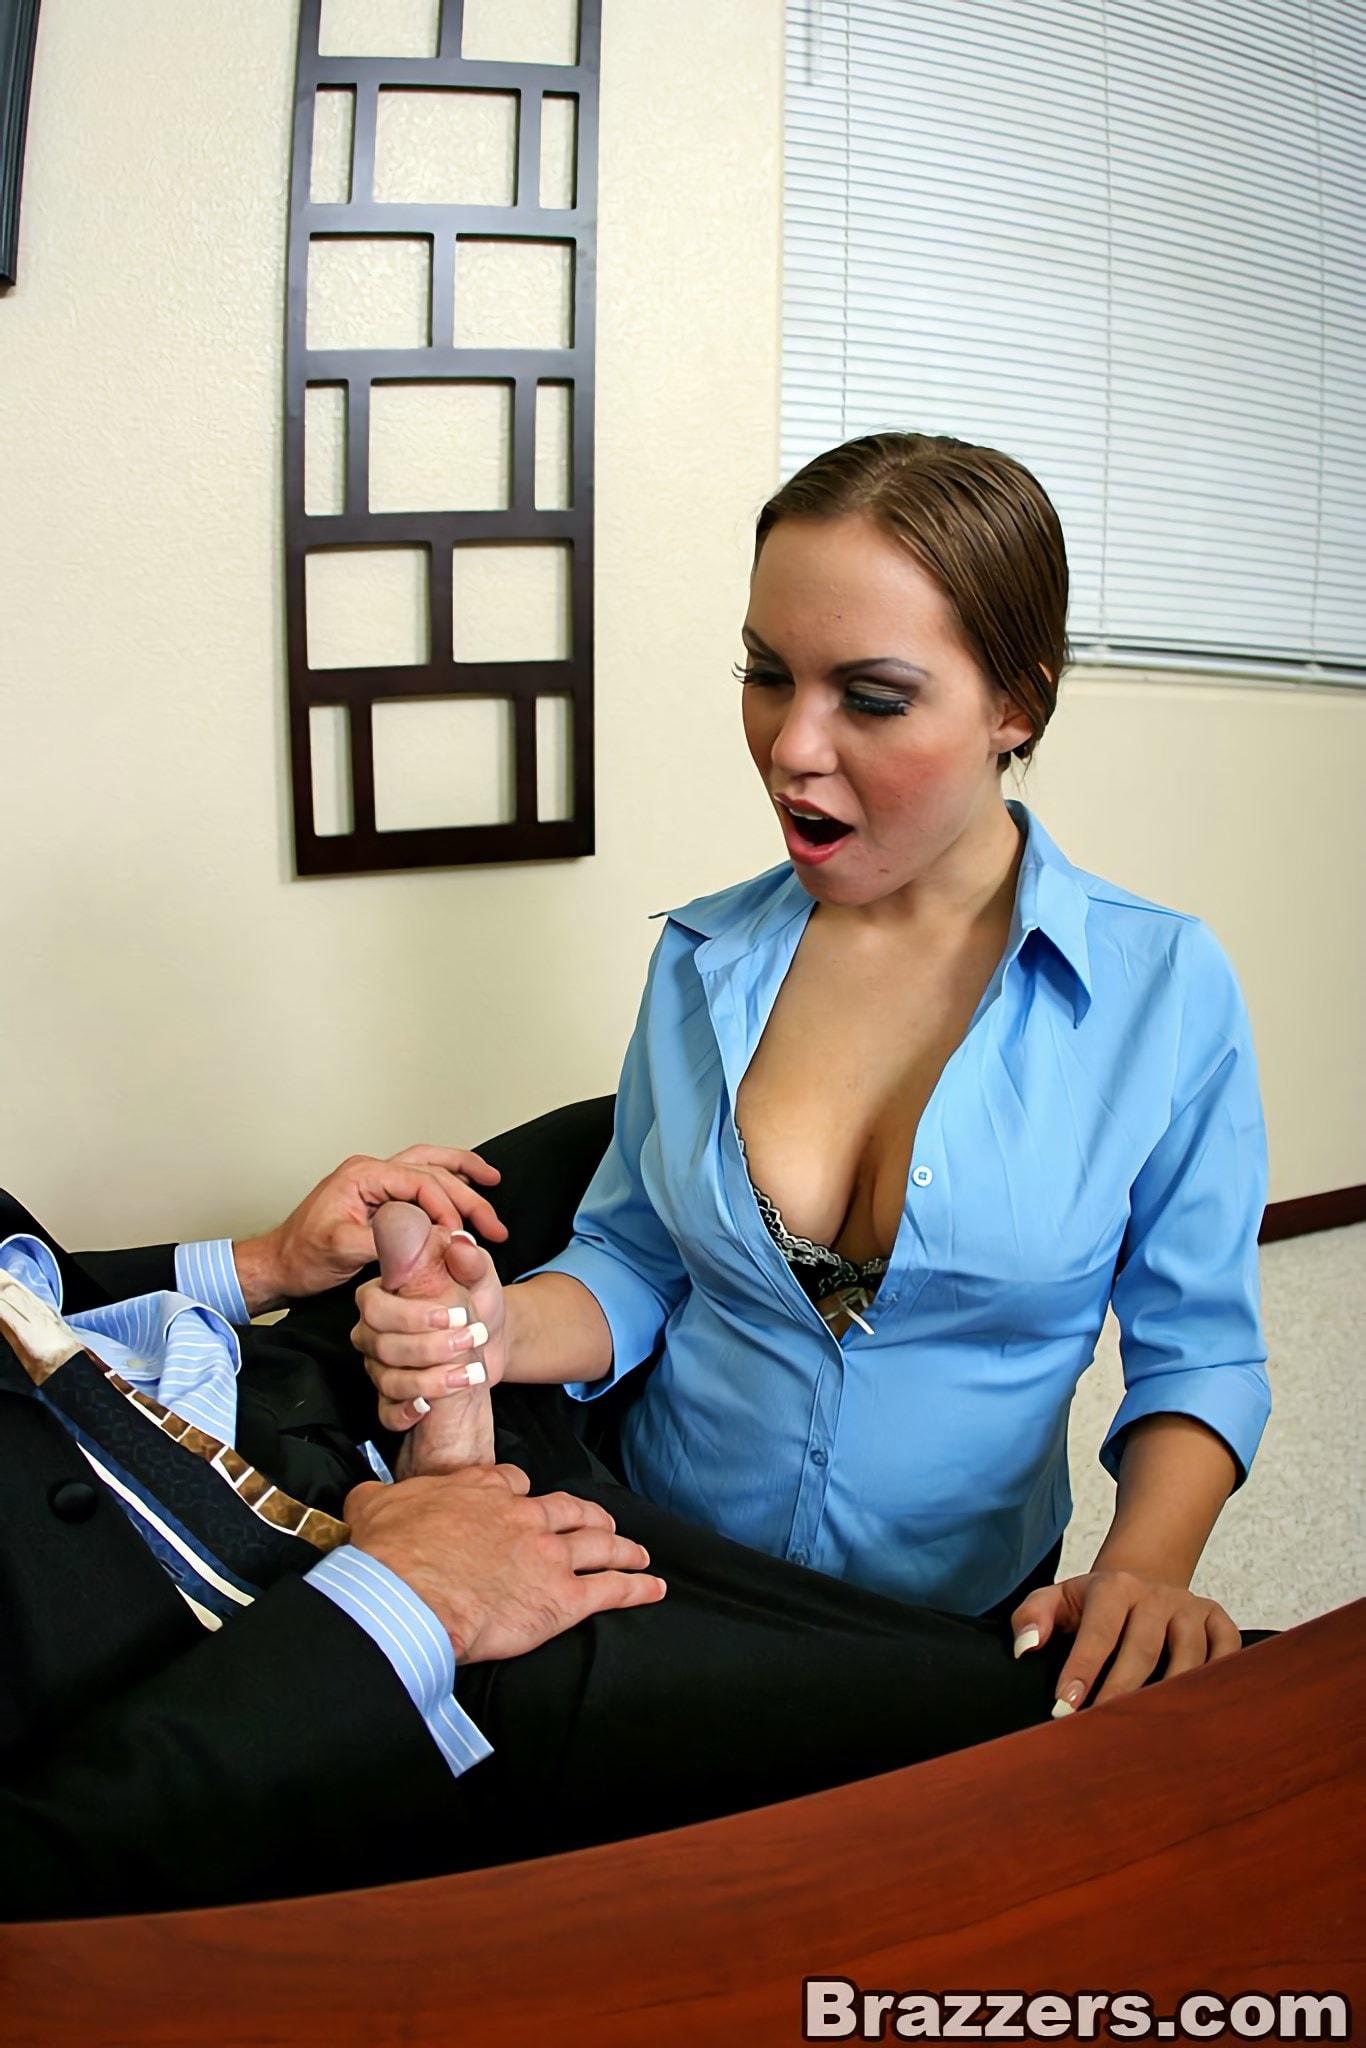 Секретарша дрочит начальнику на работе, наиболее классный секс в мире